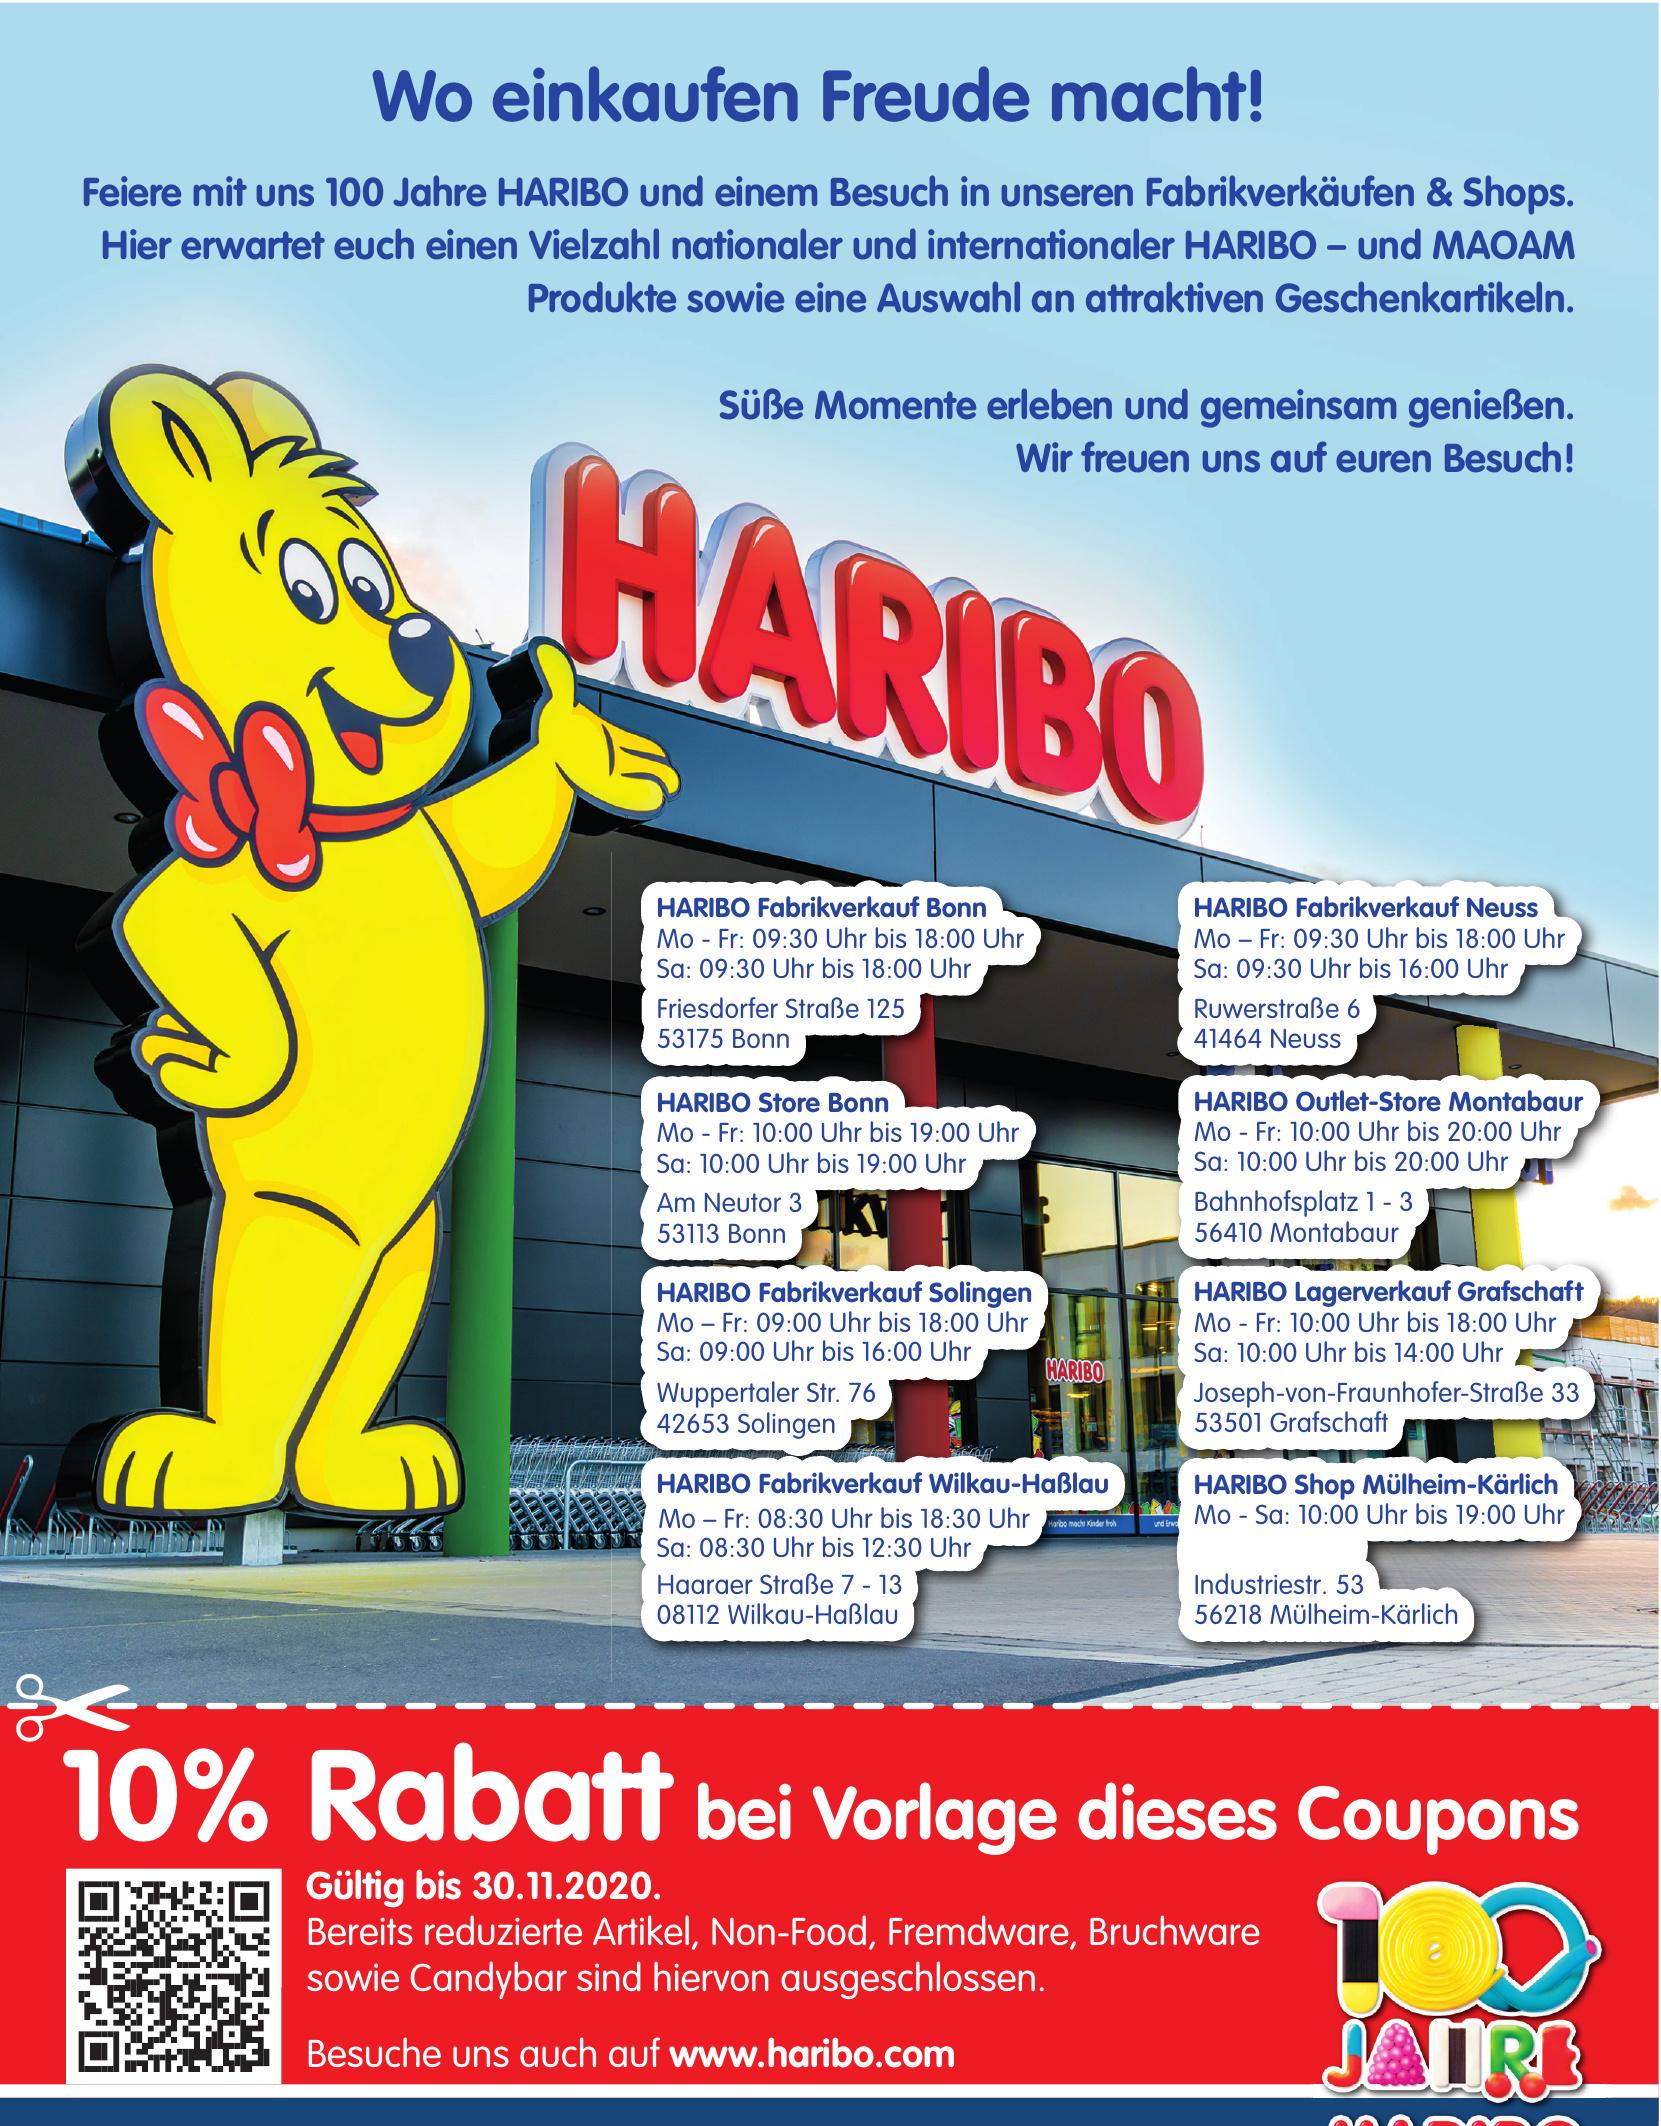 HARIBO Fabrikverkauf Bonn